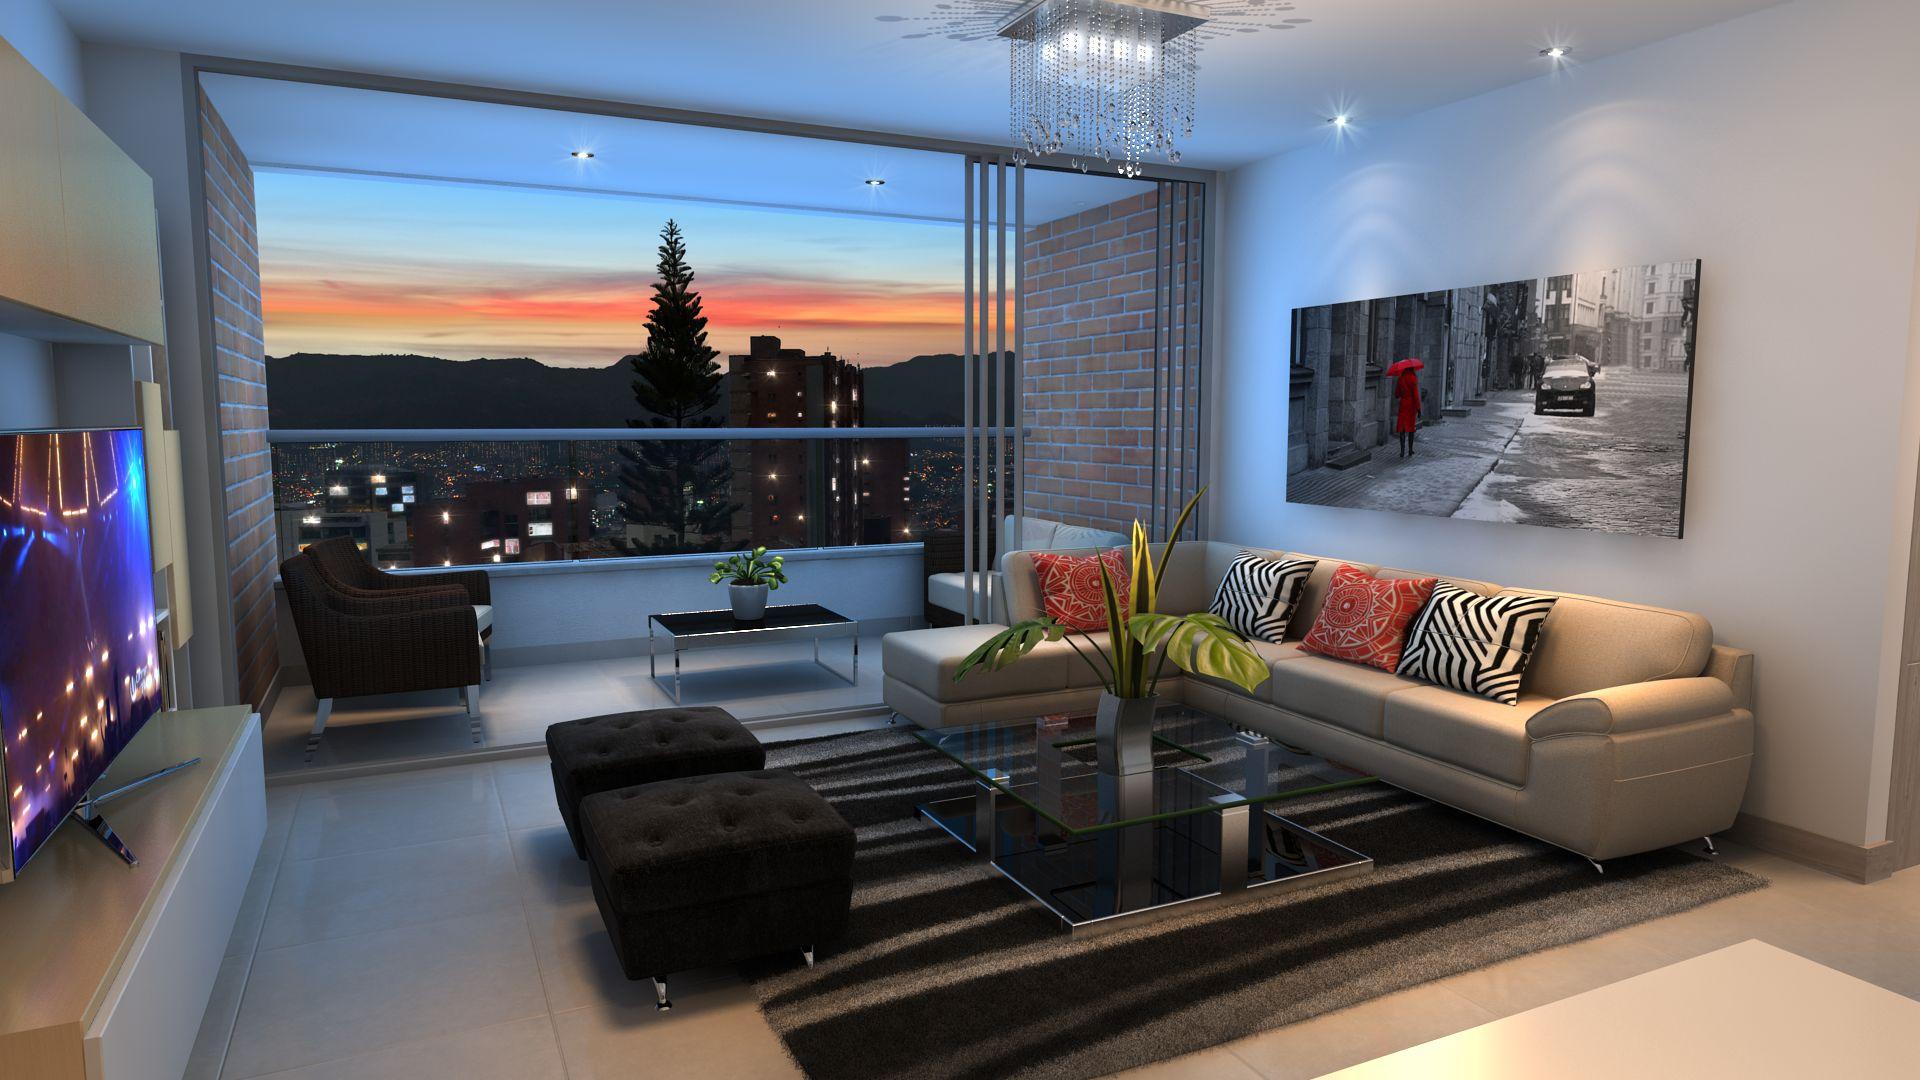 Prado alto apartamentos en envigado - Apartamentos del norte ...